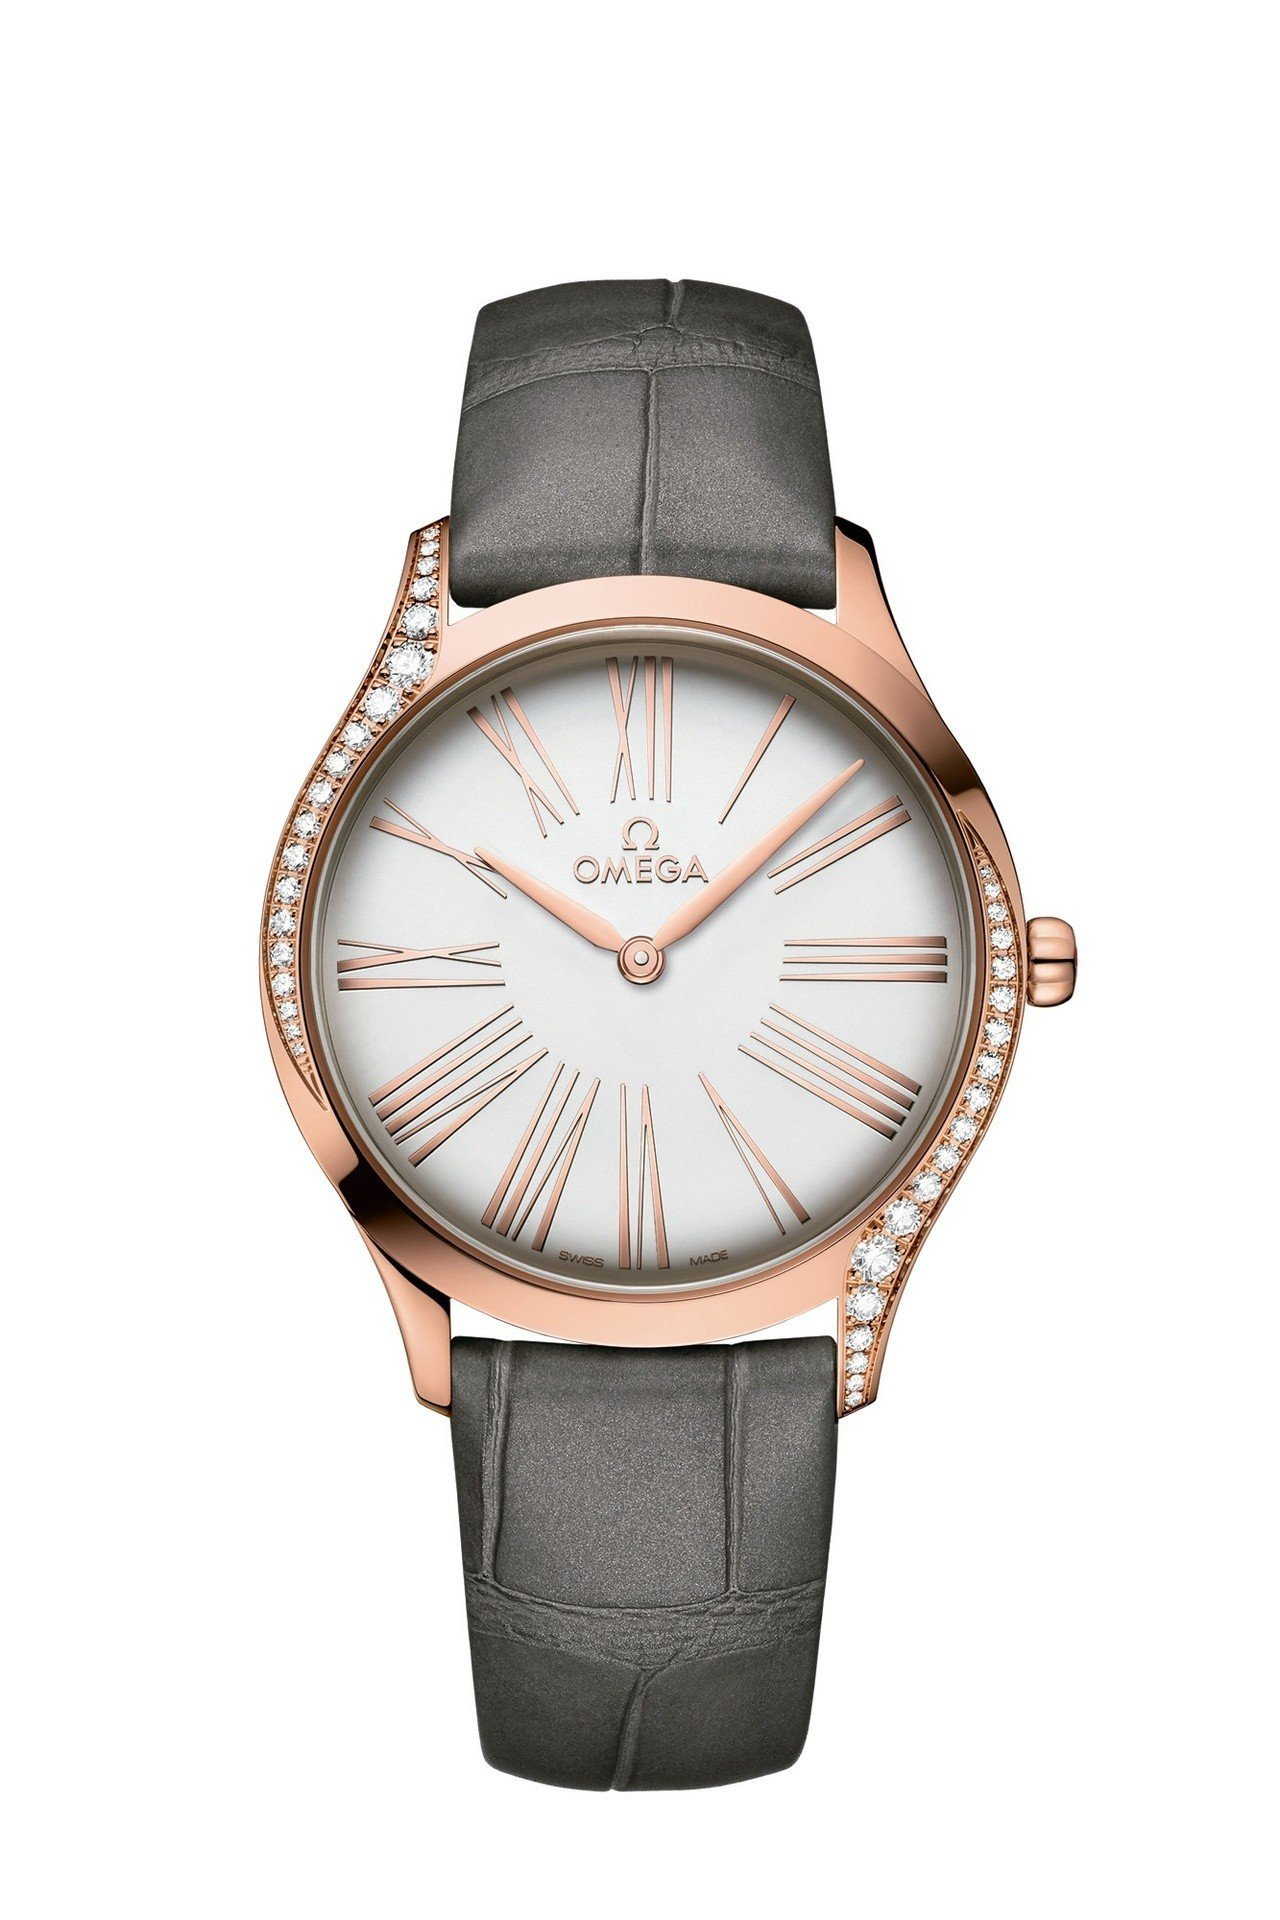 歐米茄碟飛系列Trésor腕表,18K Sedna金表殼鑲嵌鑽石,36毫米表徑,...